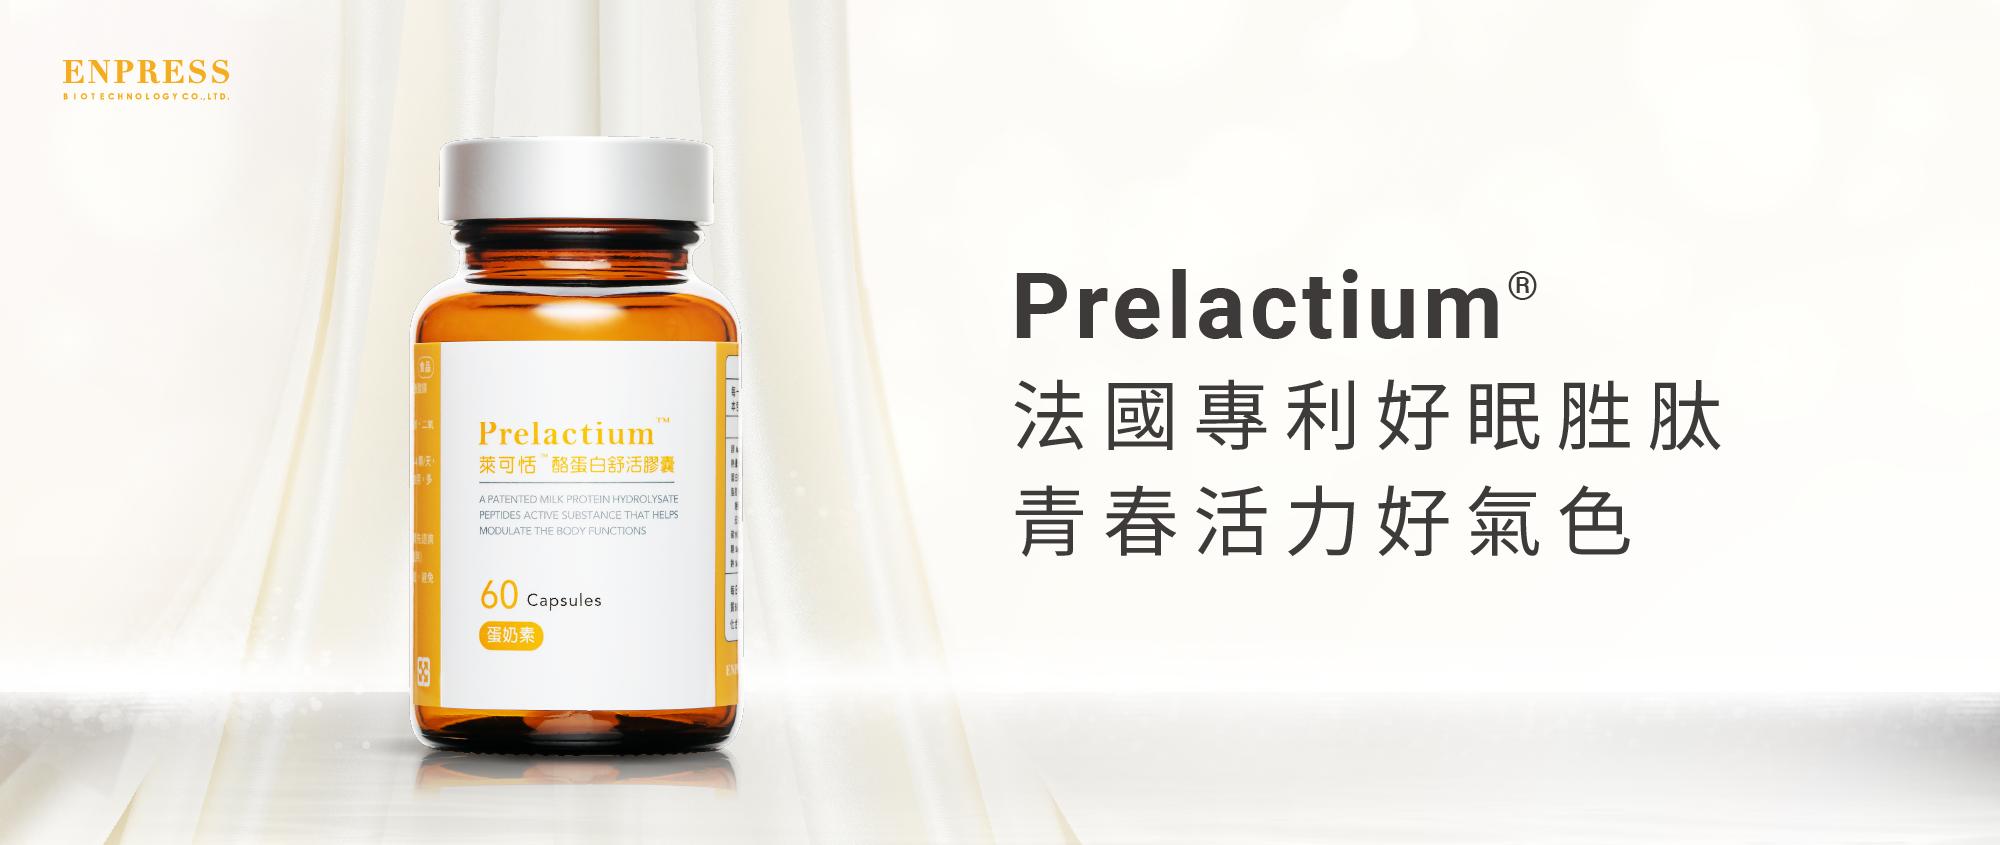 萊可恬,Prelactium,幫助入睡,幫助睡眠,失眠,睡不著,好眠,憂鬱,焦躁,心情不好,酪蛋白胜肽,睡眠障礙,更年期,熟齡保養